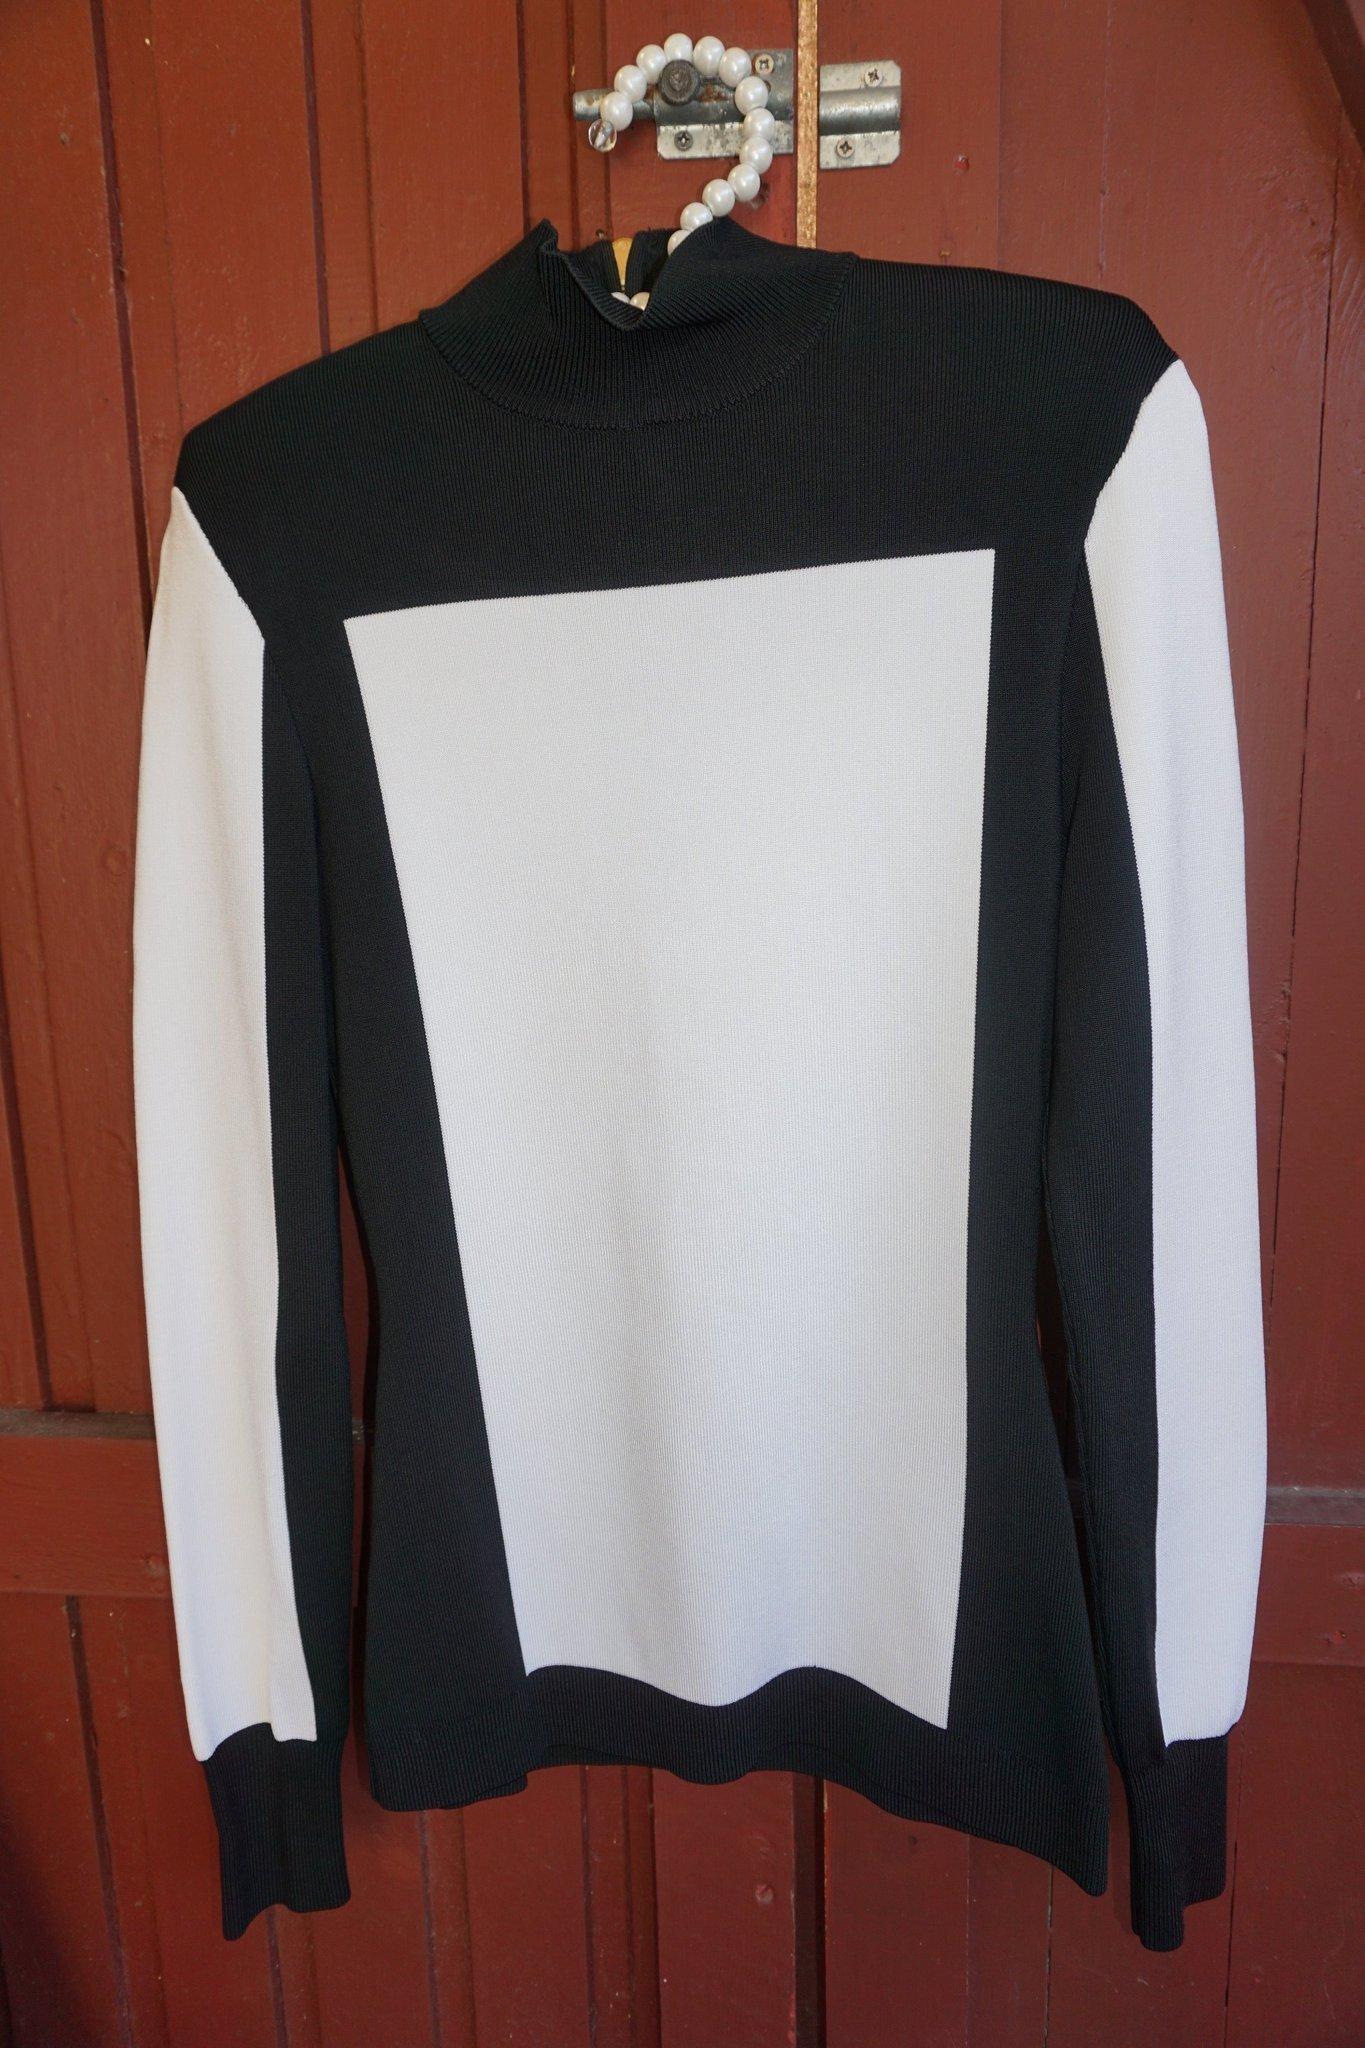 NY! BALMAIN X H&M tröja i svart och vitt med guld dragkedja i ryggen Stl 38